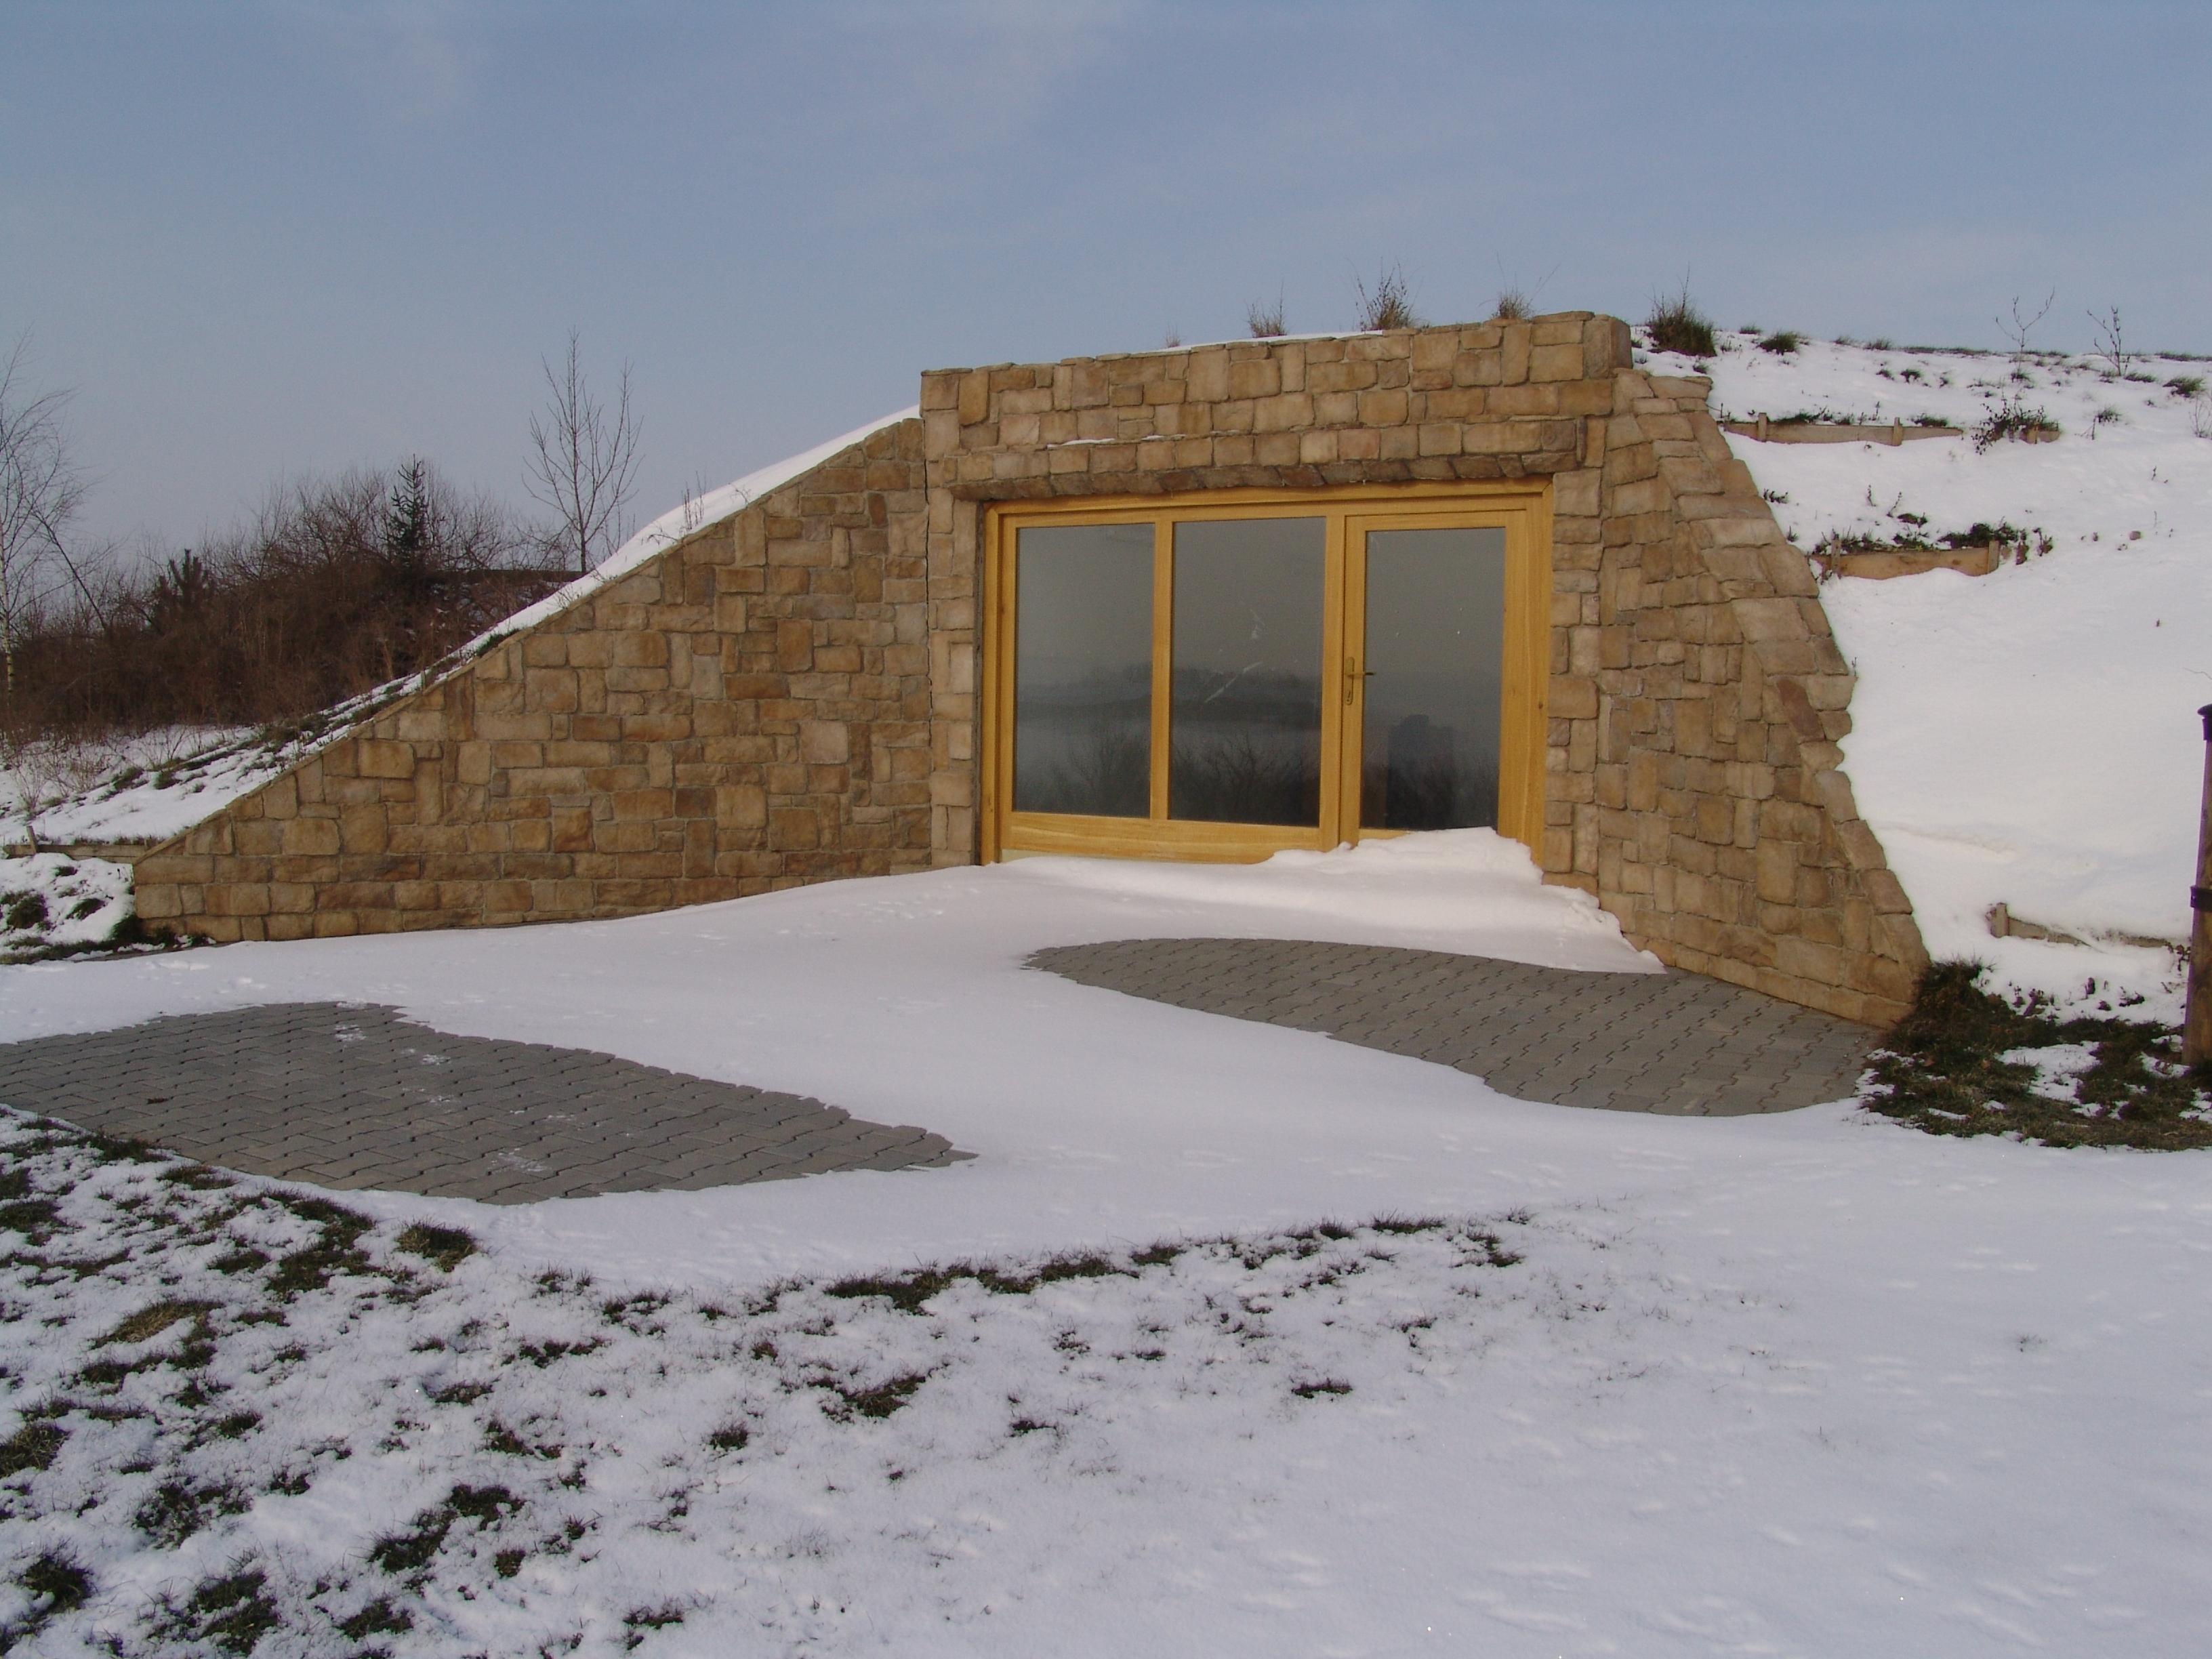 steinwand mediterran steinwand f r innen und aussenw nde steine polygonal an die wand kleben. Black Bedroom Furniture Sets. Home Design Ideas